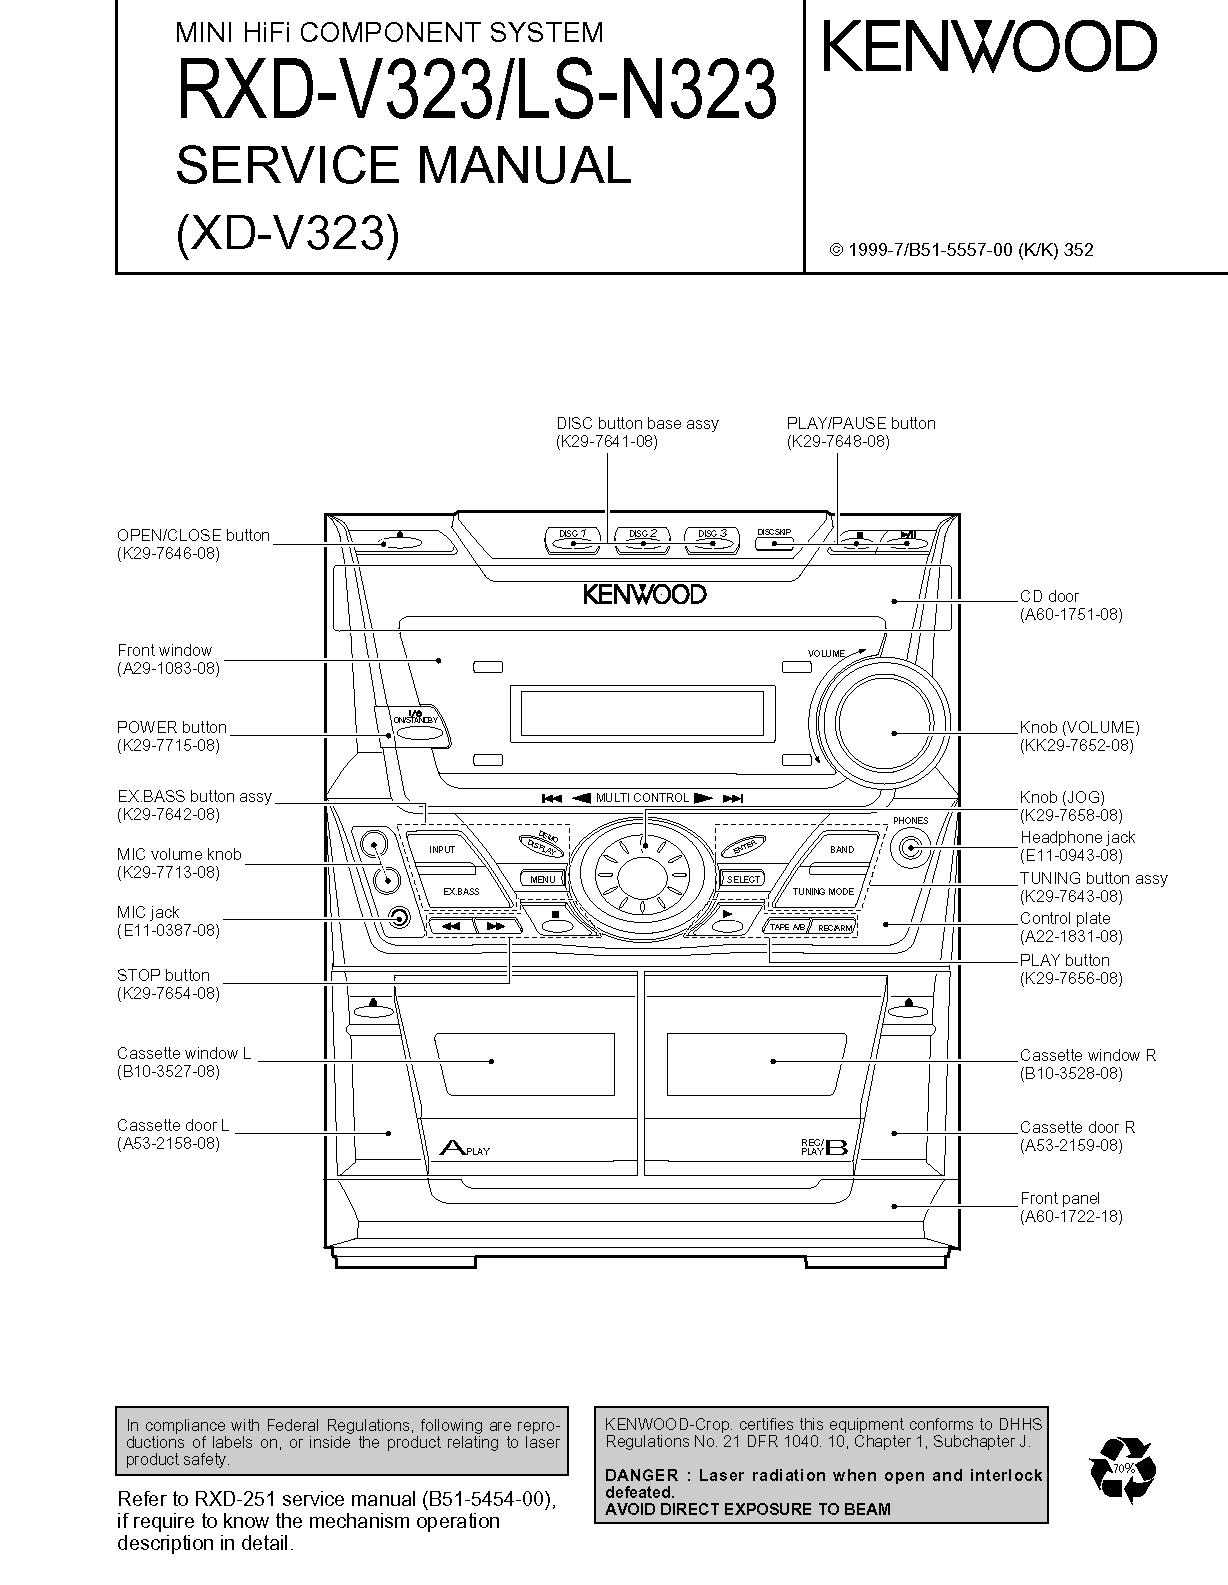 Kenwood XD-V323